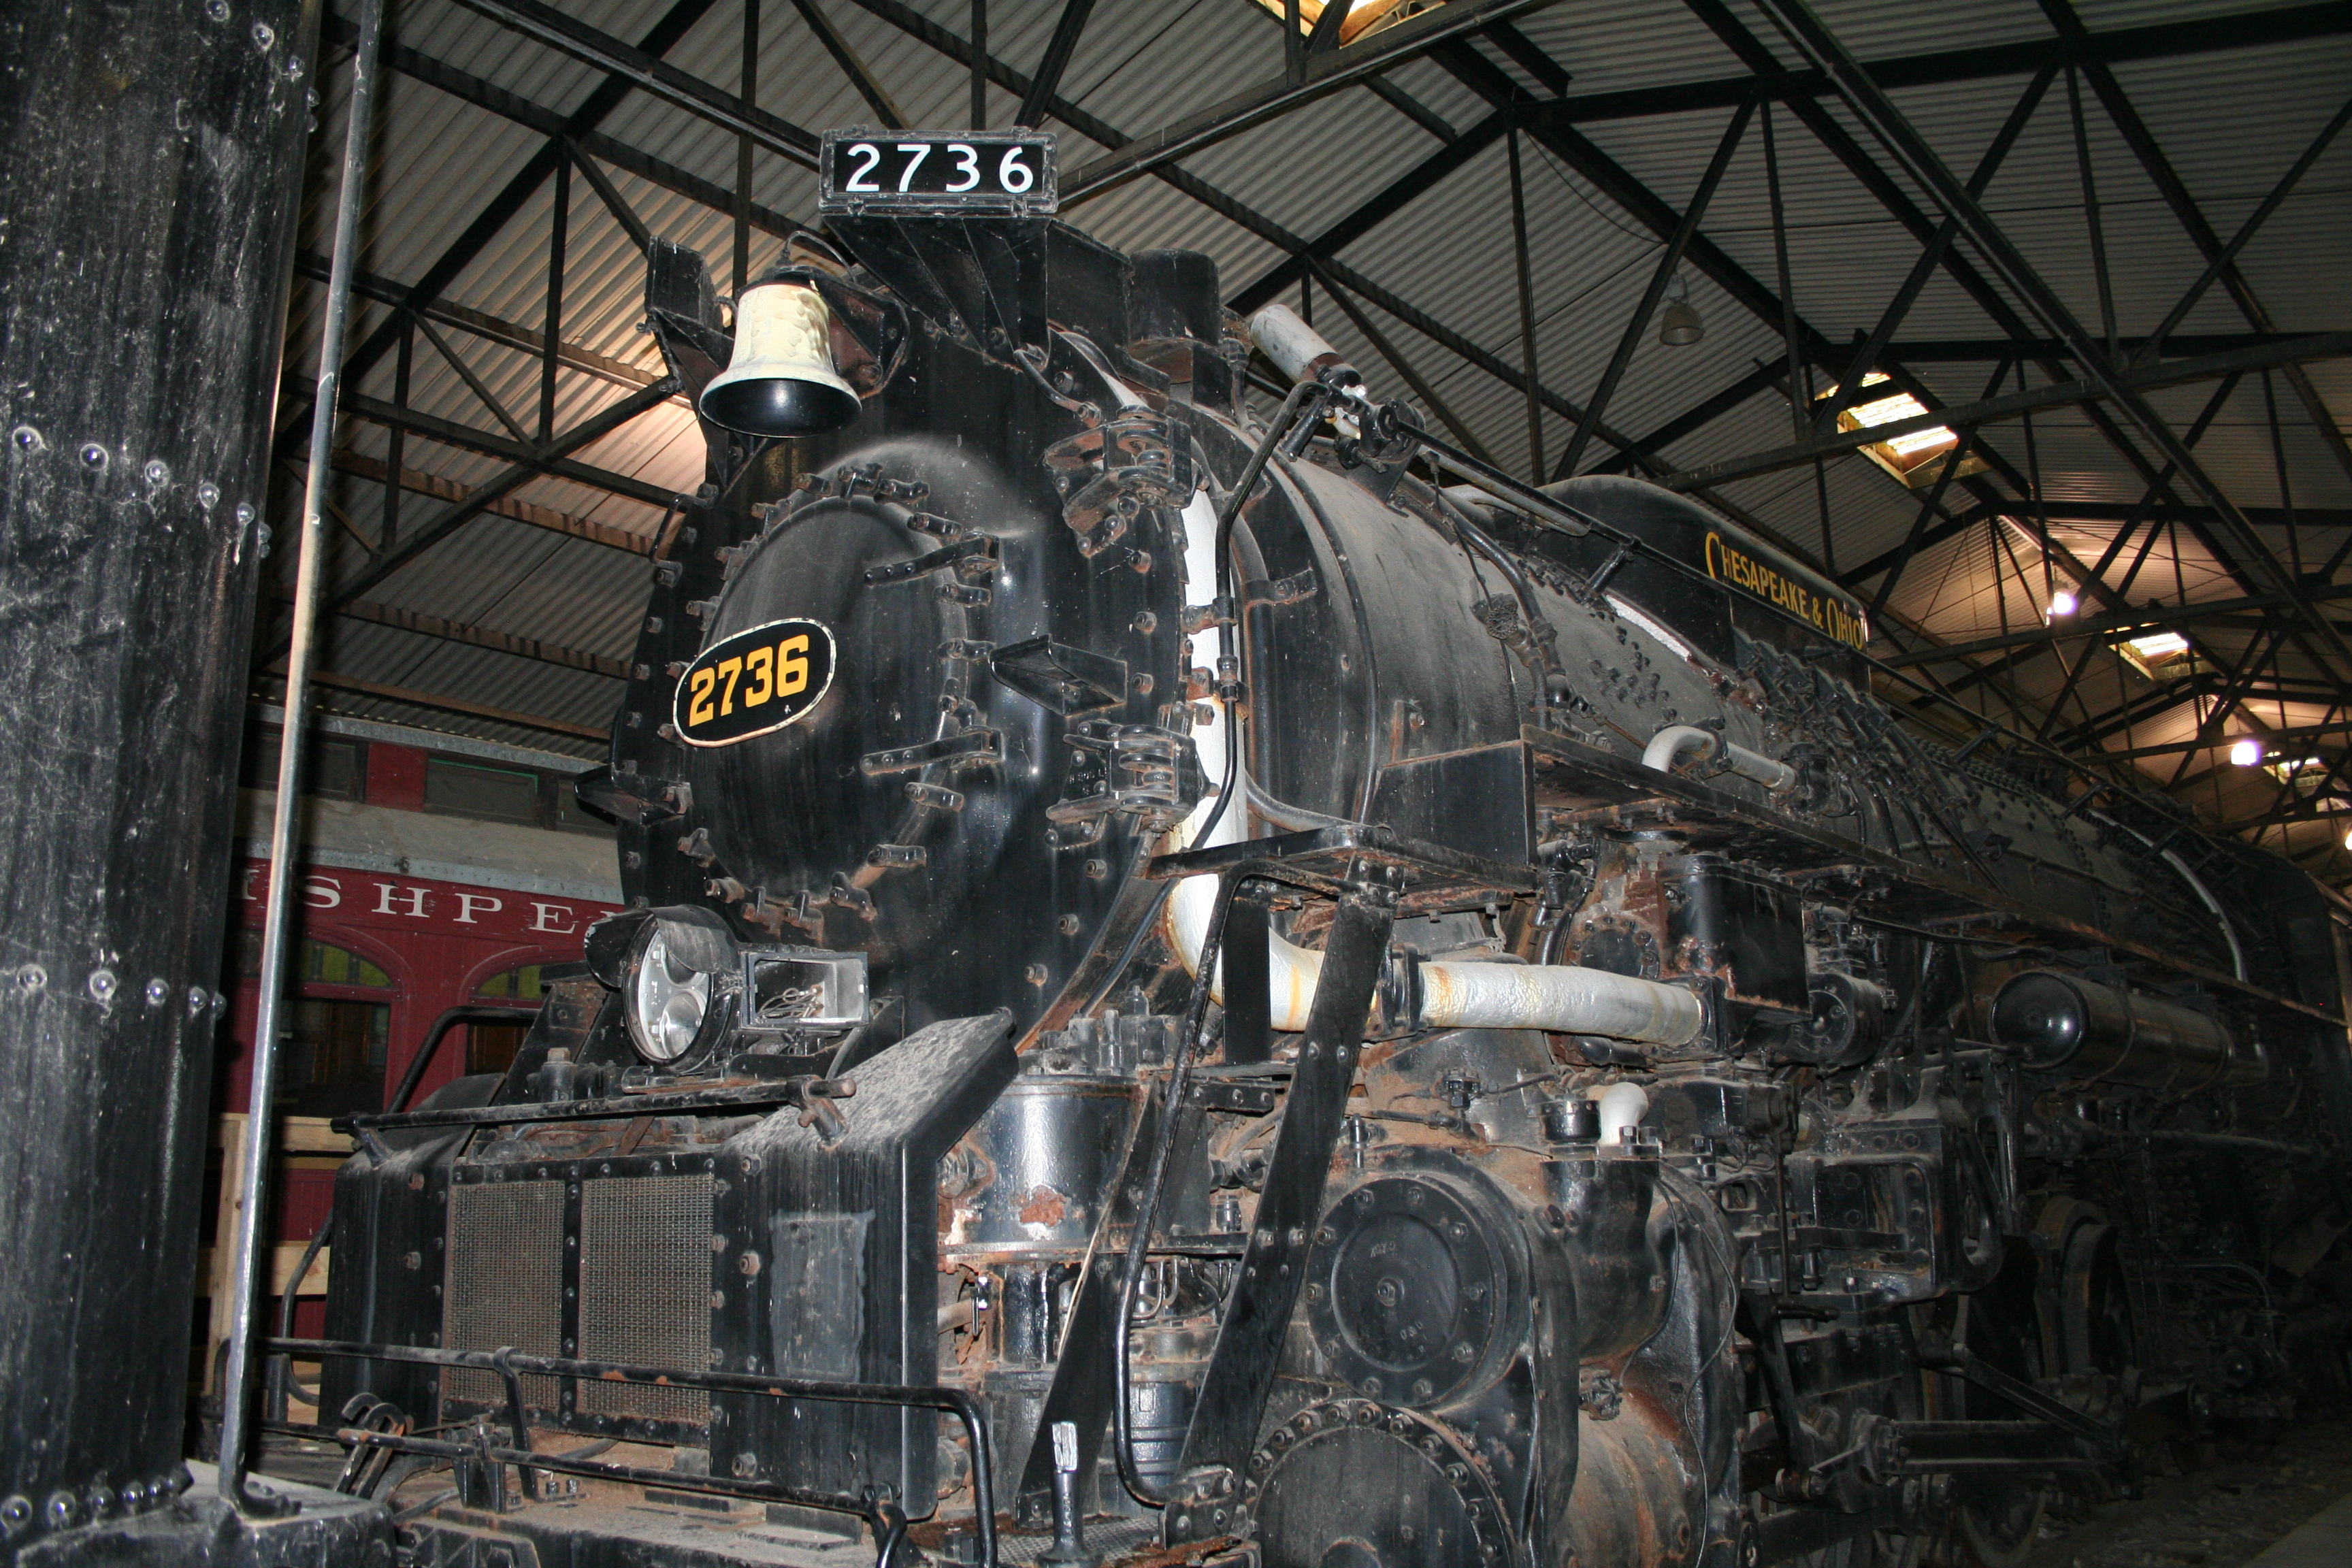 File:Chesapeake and Ohio Railway K-4 class No 2736.jpg